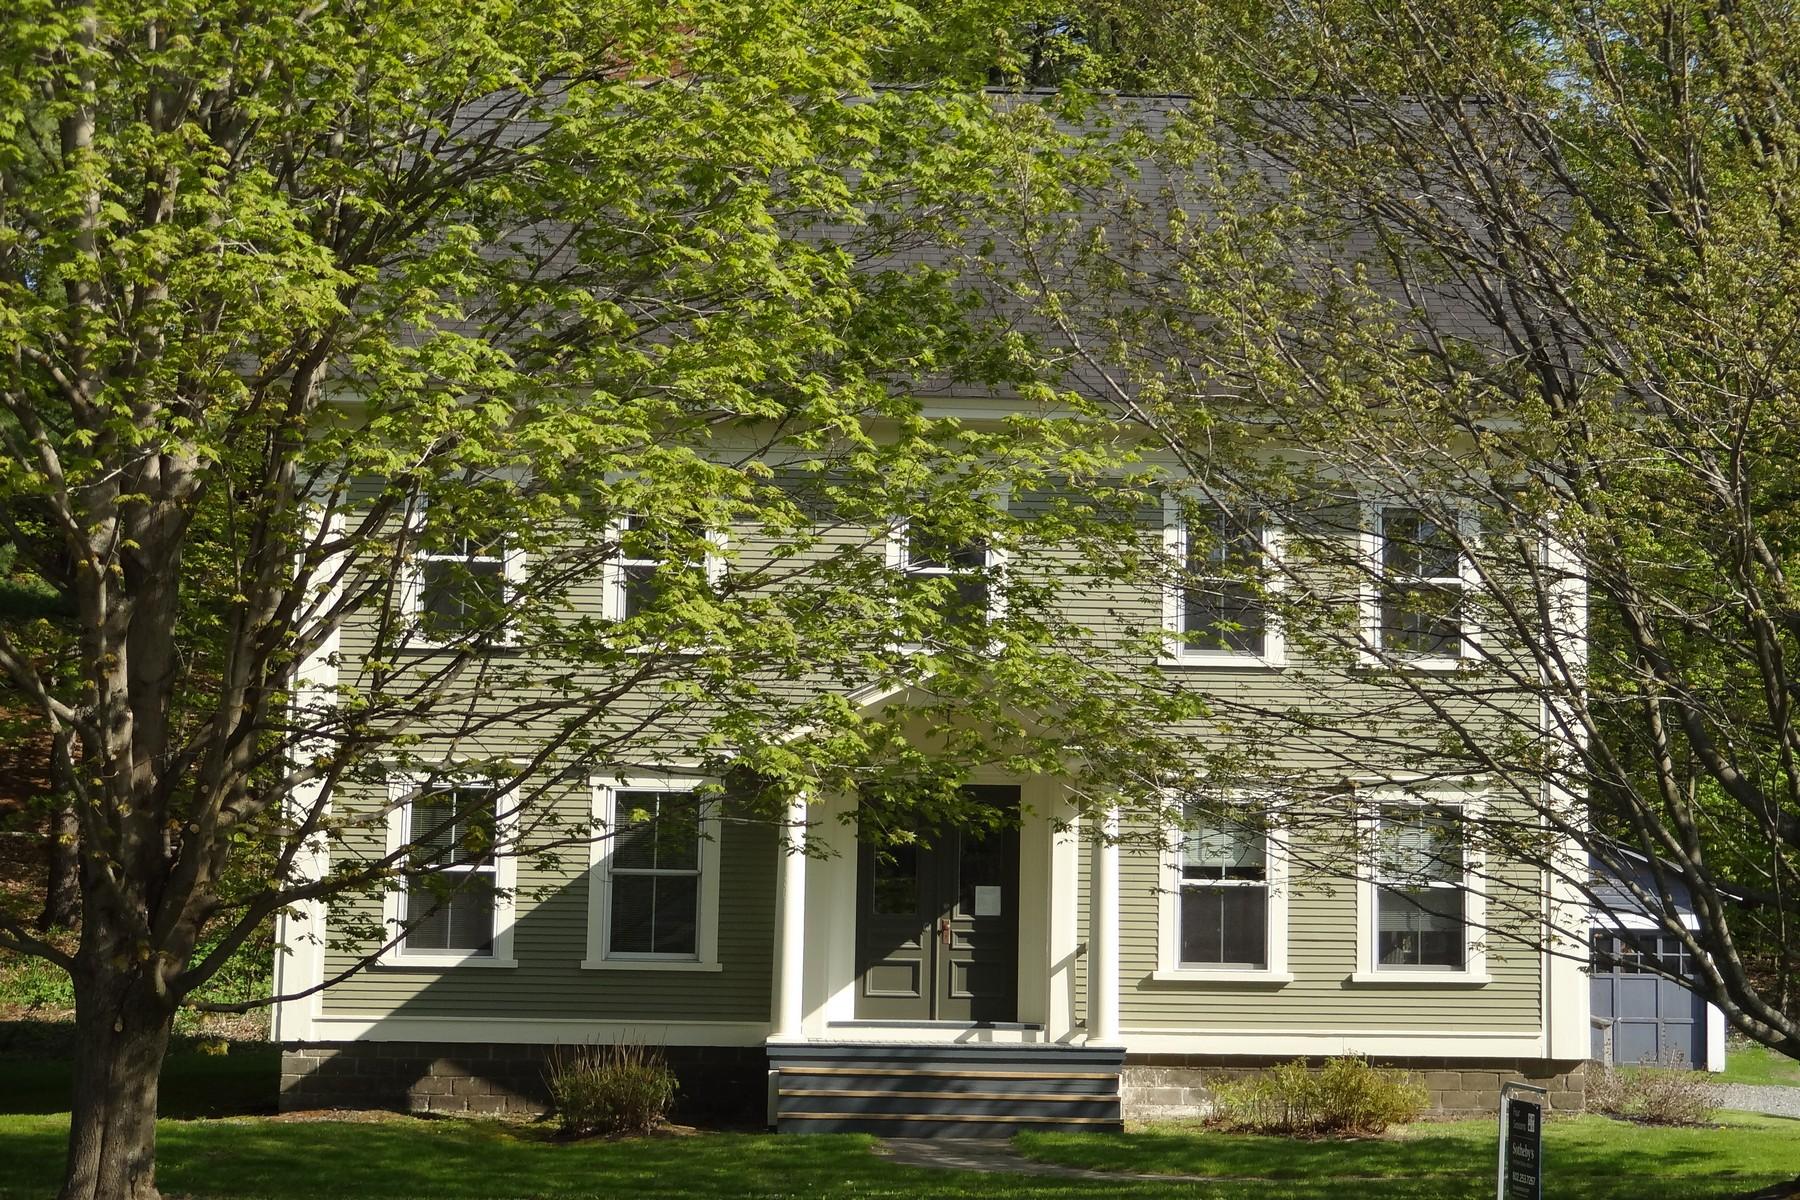 단독 가정 주택 용 매매 에 200 Park St, Morristown Morristown, 베르몬트, 05661 미국